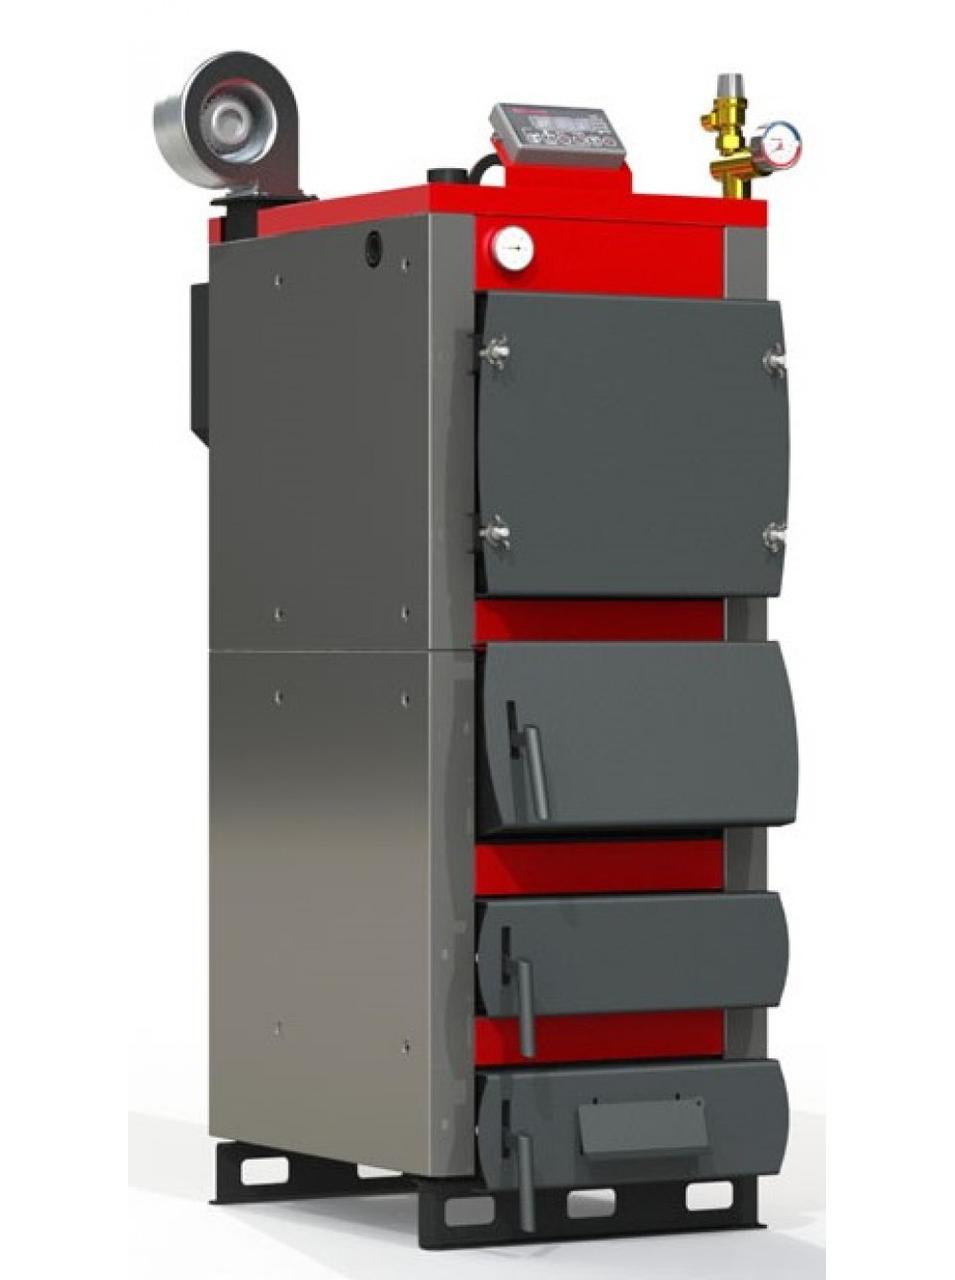 Котел длительного горения ProTech ТТ-30 кВт Smart MW с микропроцессорным контроллером (автоматикой)